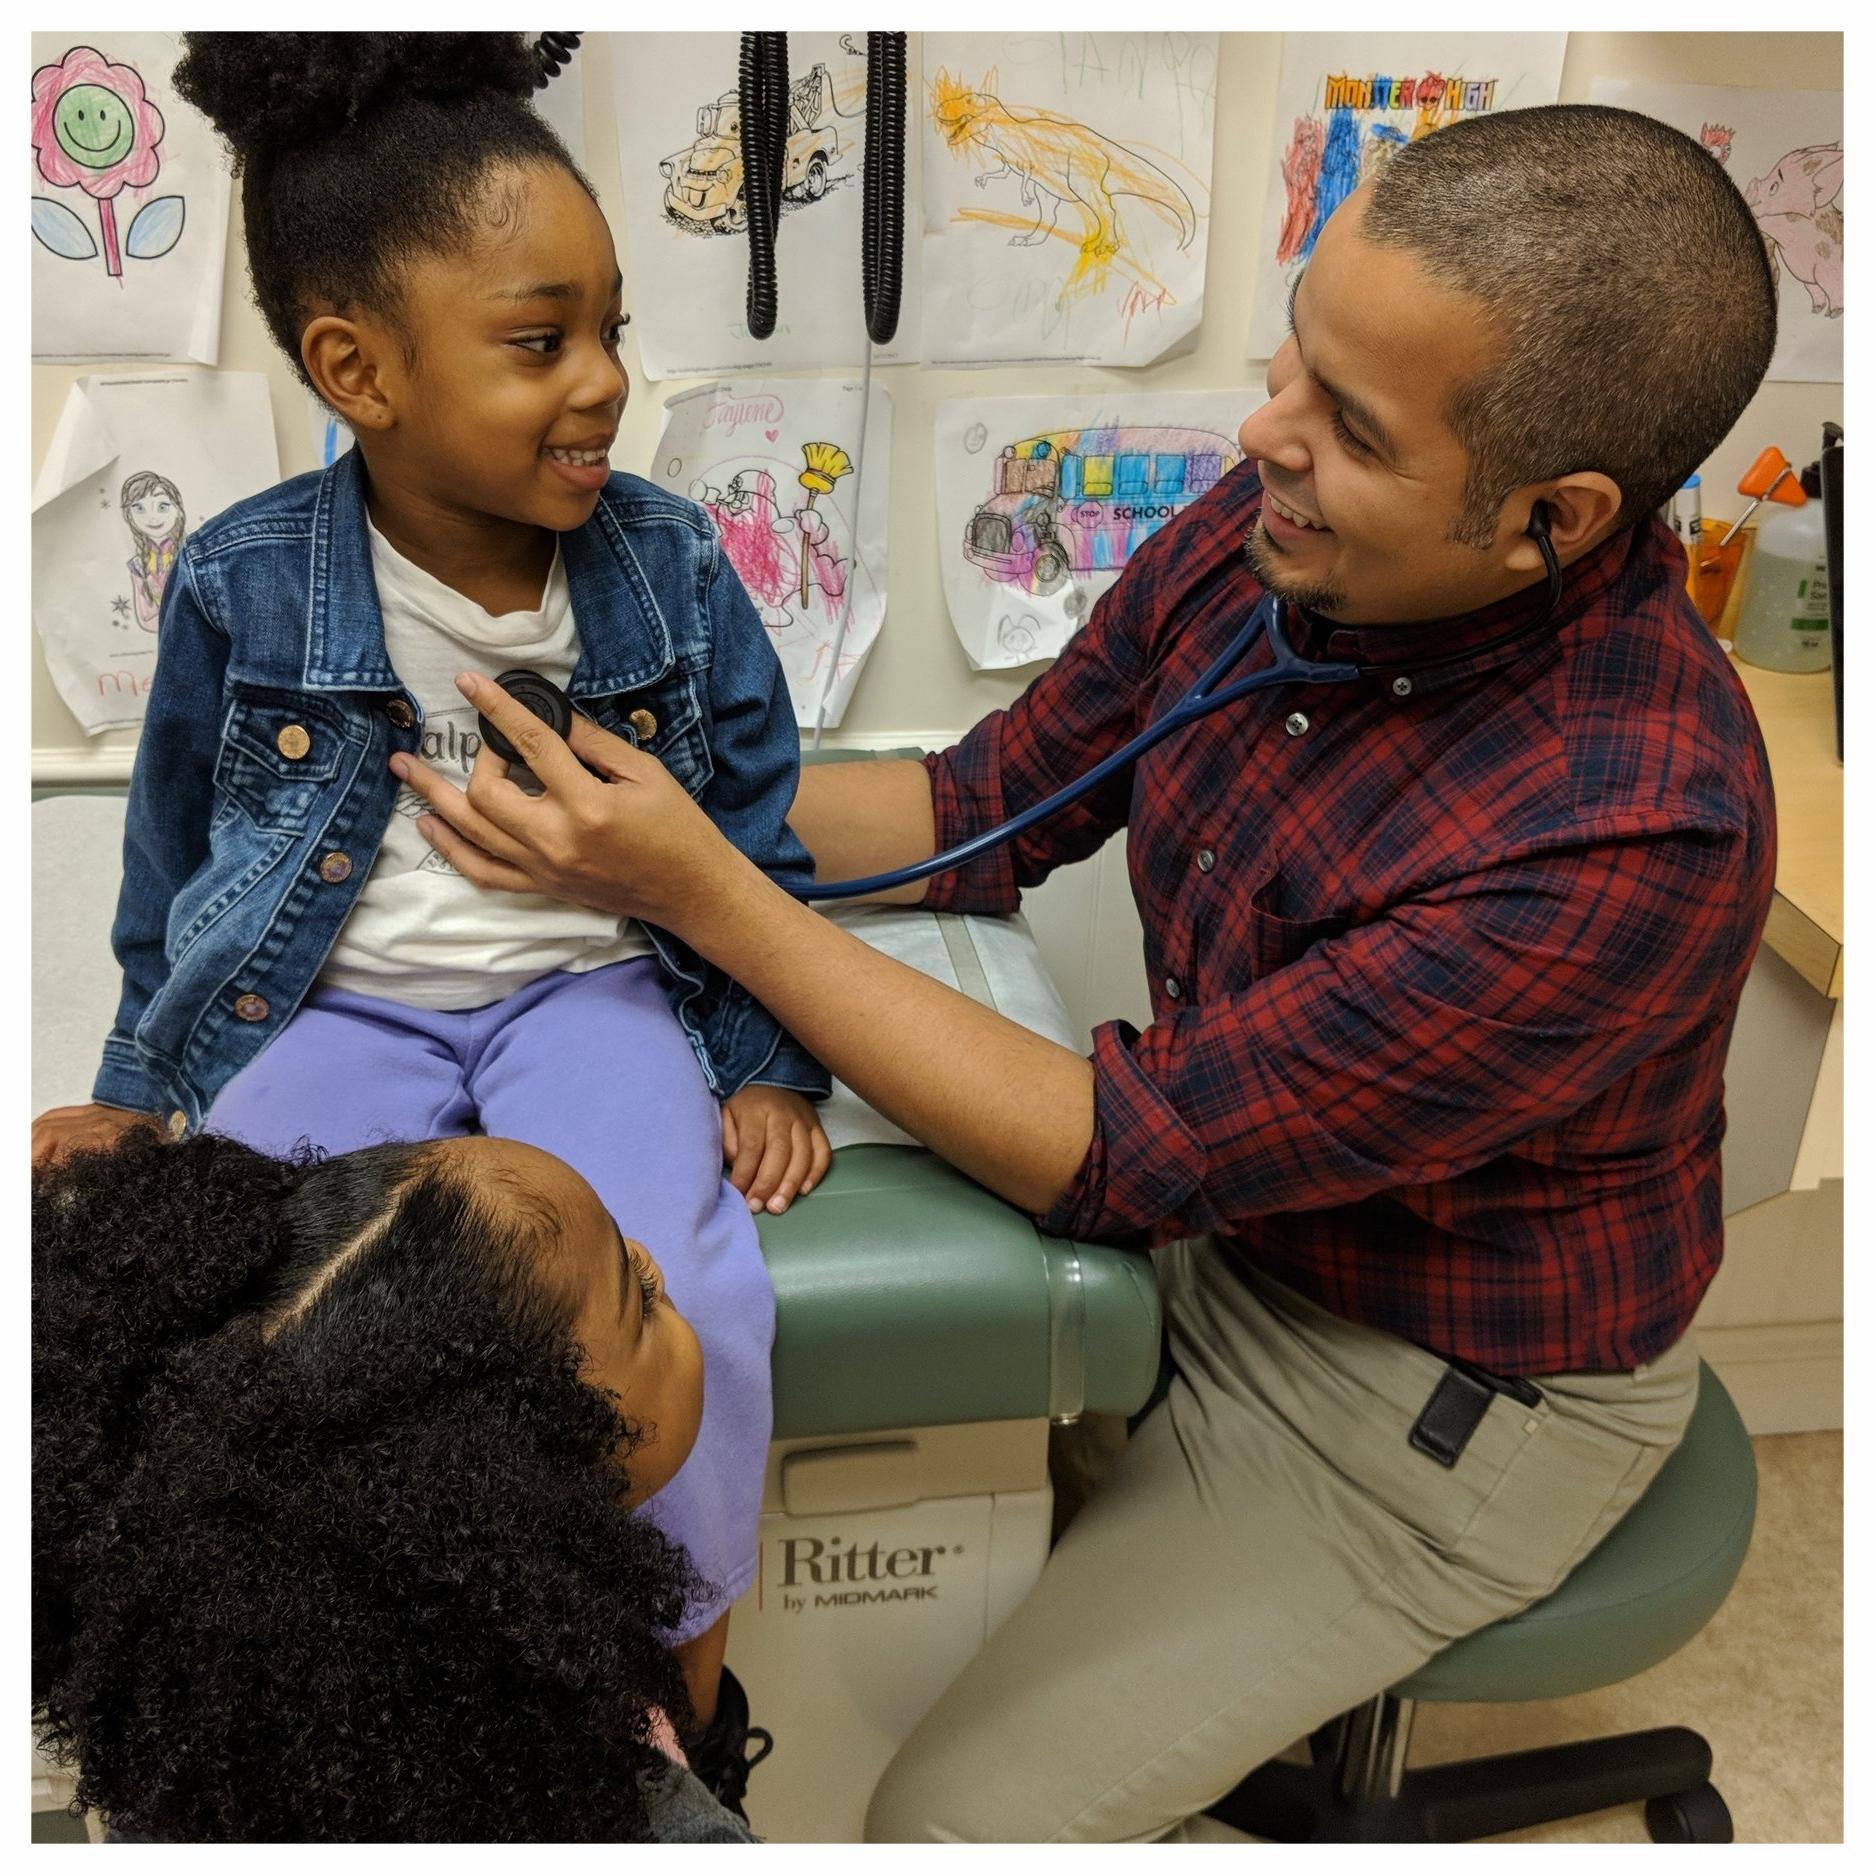 JR-patient.jpg